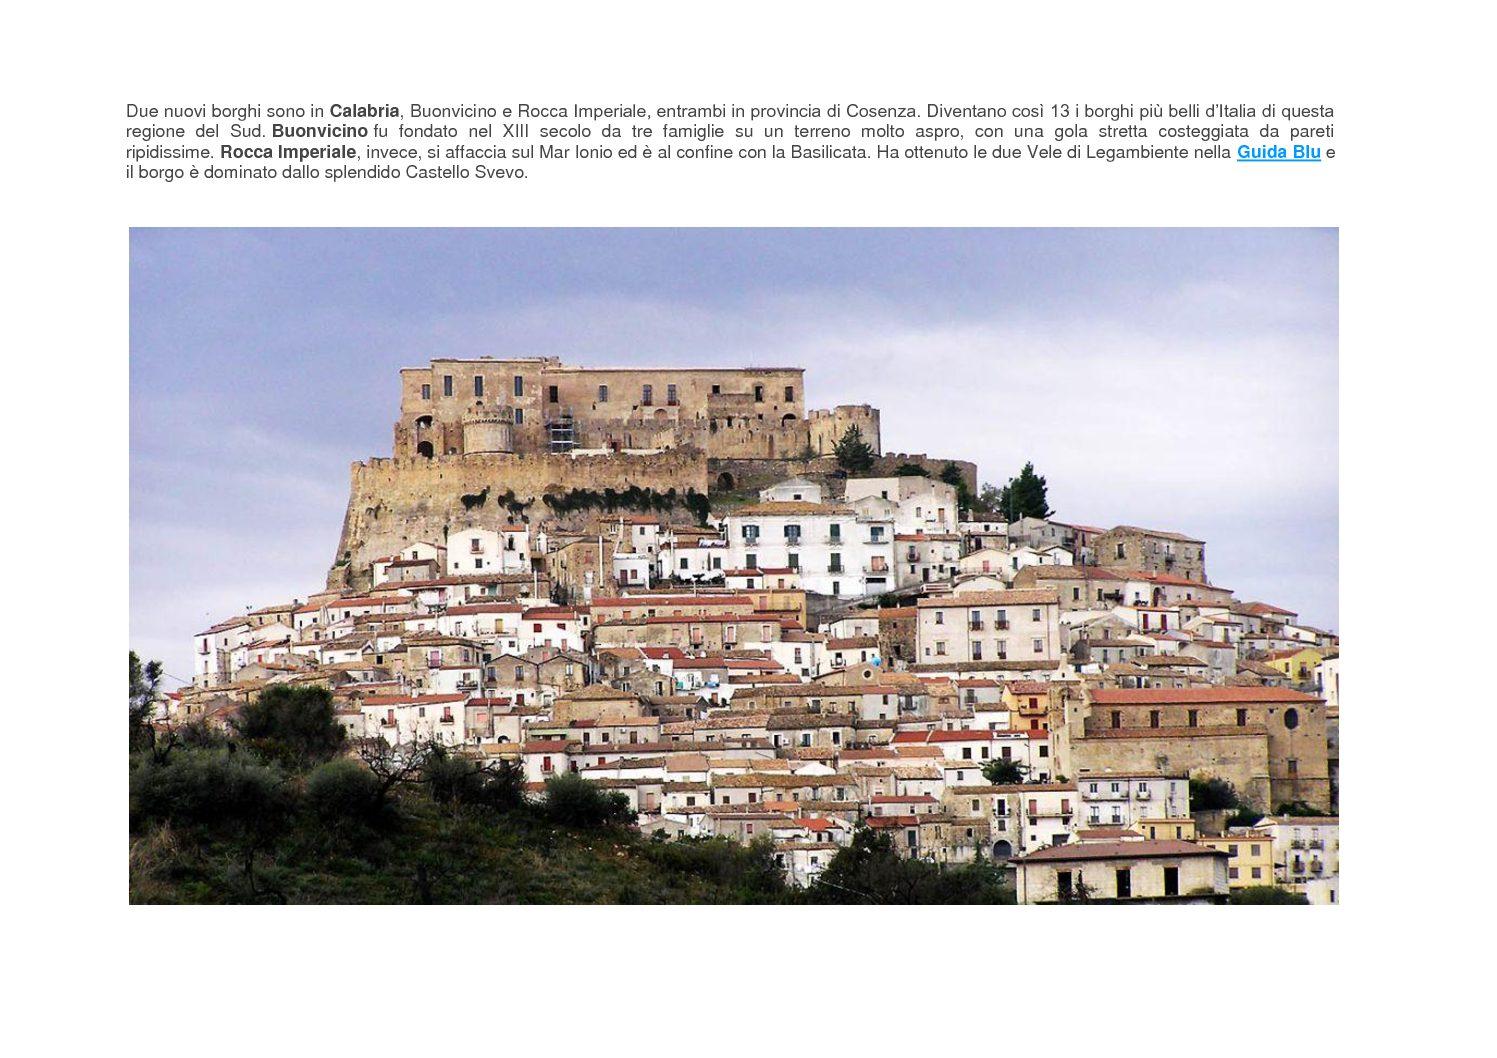 Plesso immobiliare Rocca Imperiale